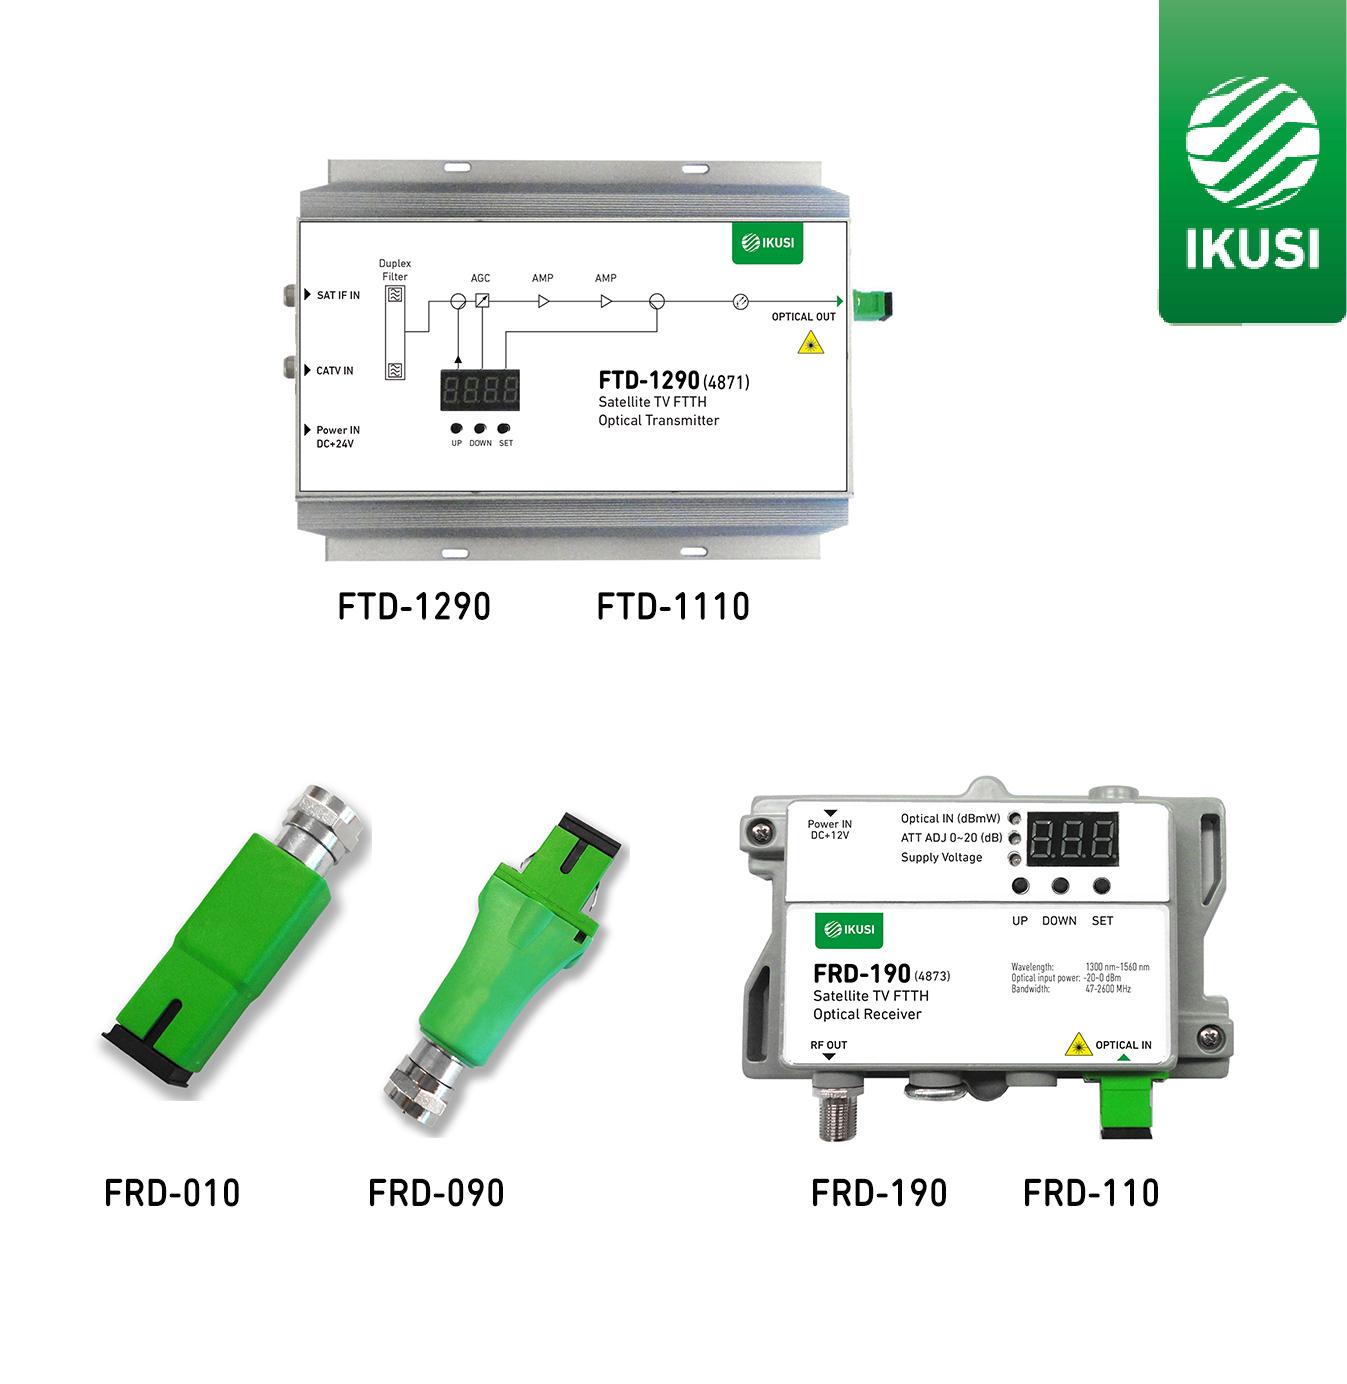 Ikusi Multimedia presenta su nueva gama de transmisores y receptores ópticos